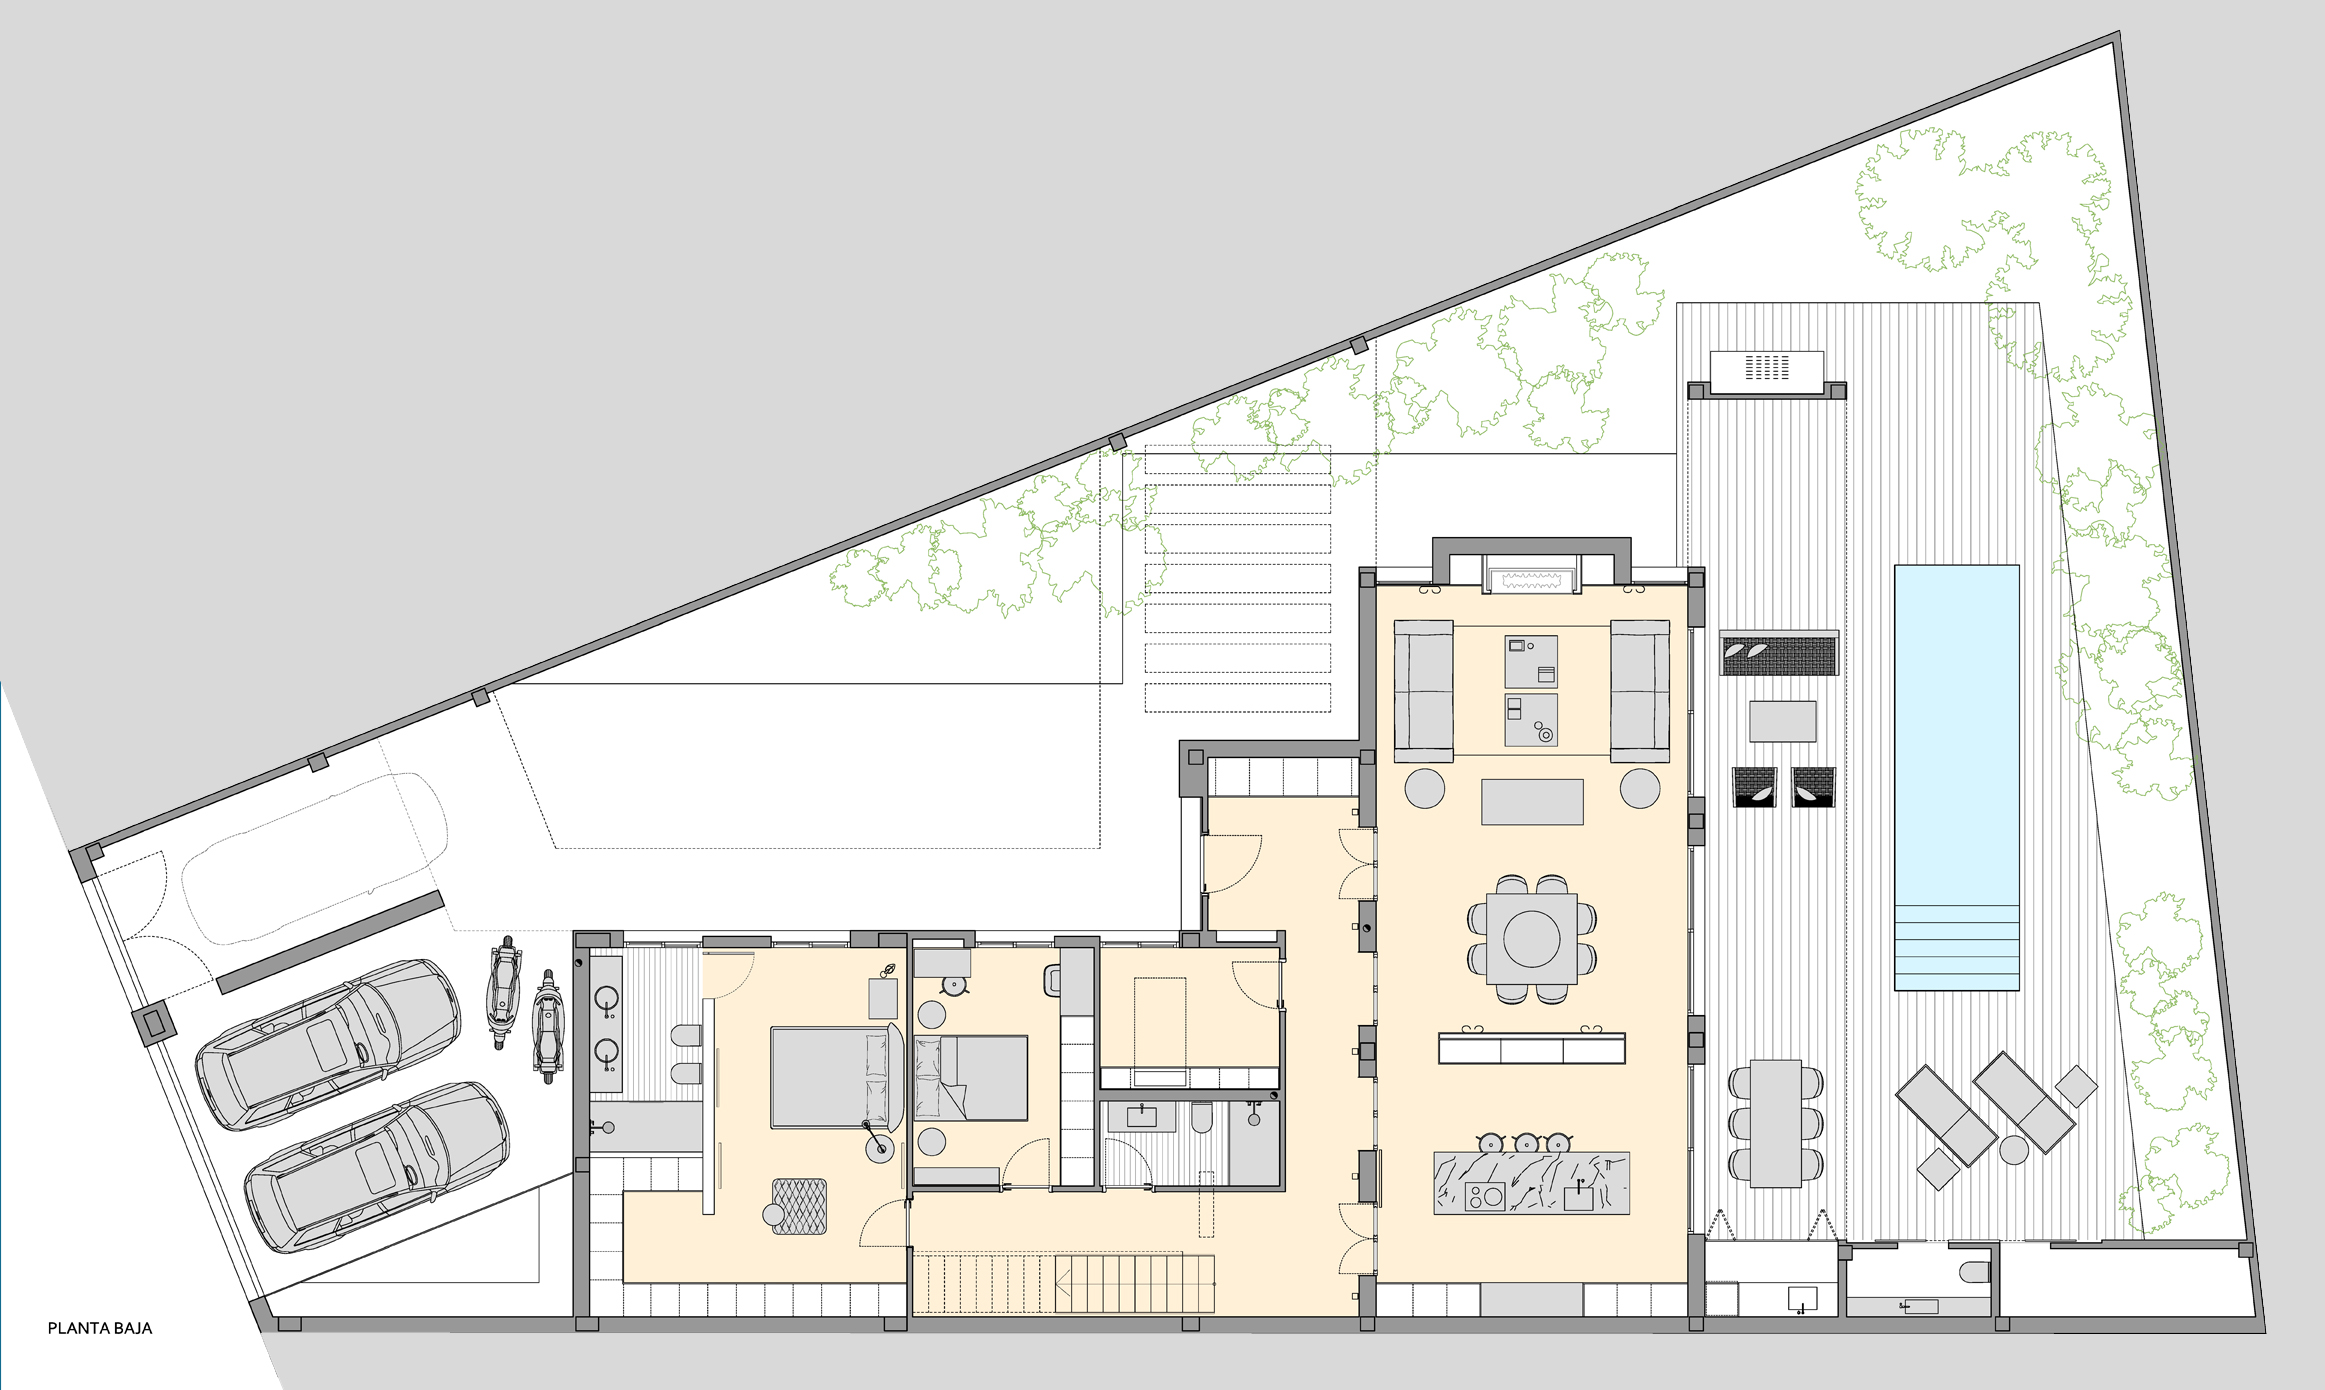 Casa va smbarquitectura - Casas en planta baja ...